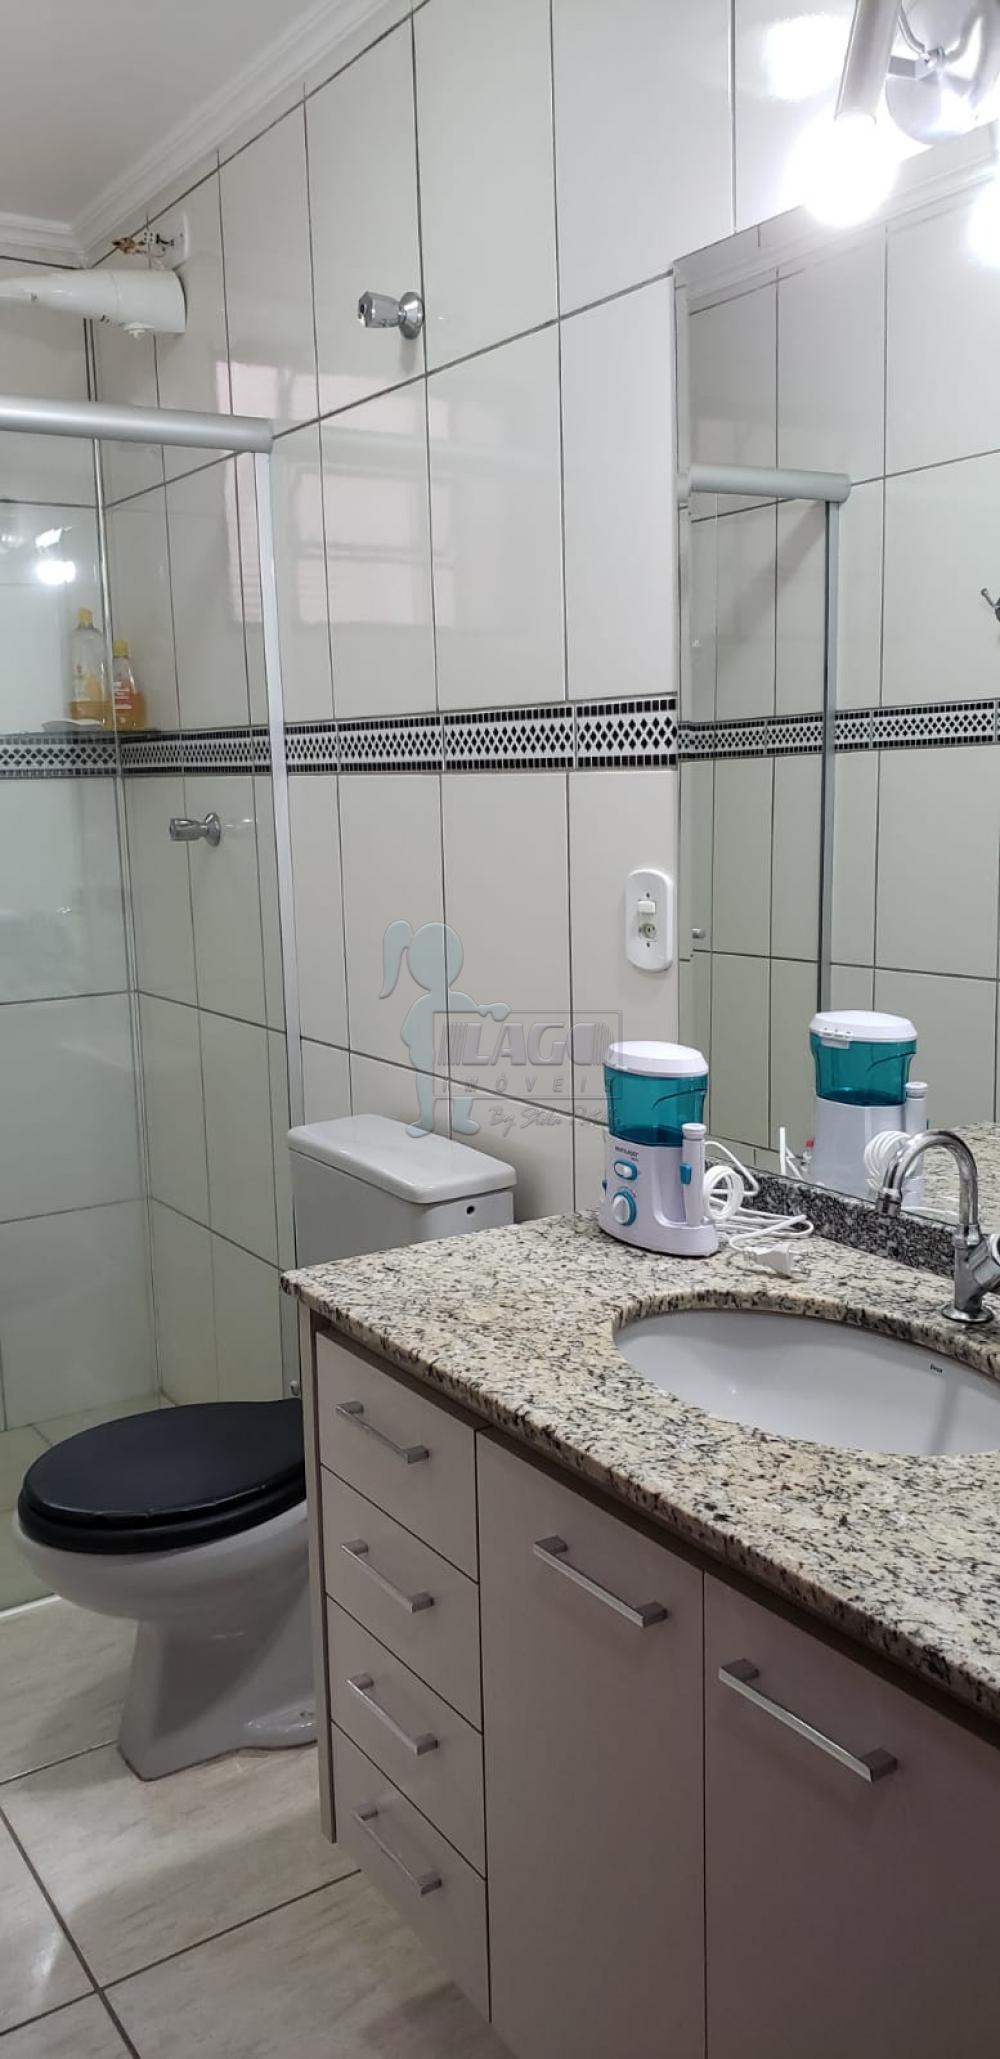 Comprar Apartamento / Padrão em Ribeirão Preto R$ 360.000,00 - Foto 17